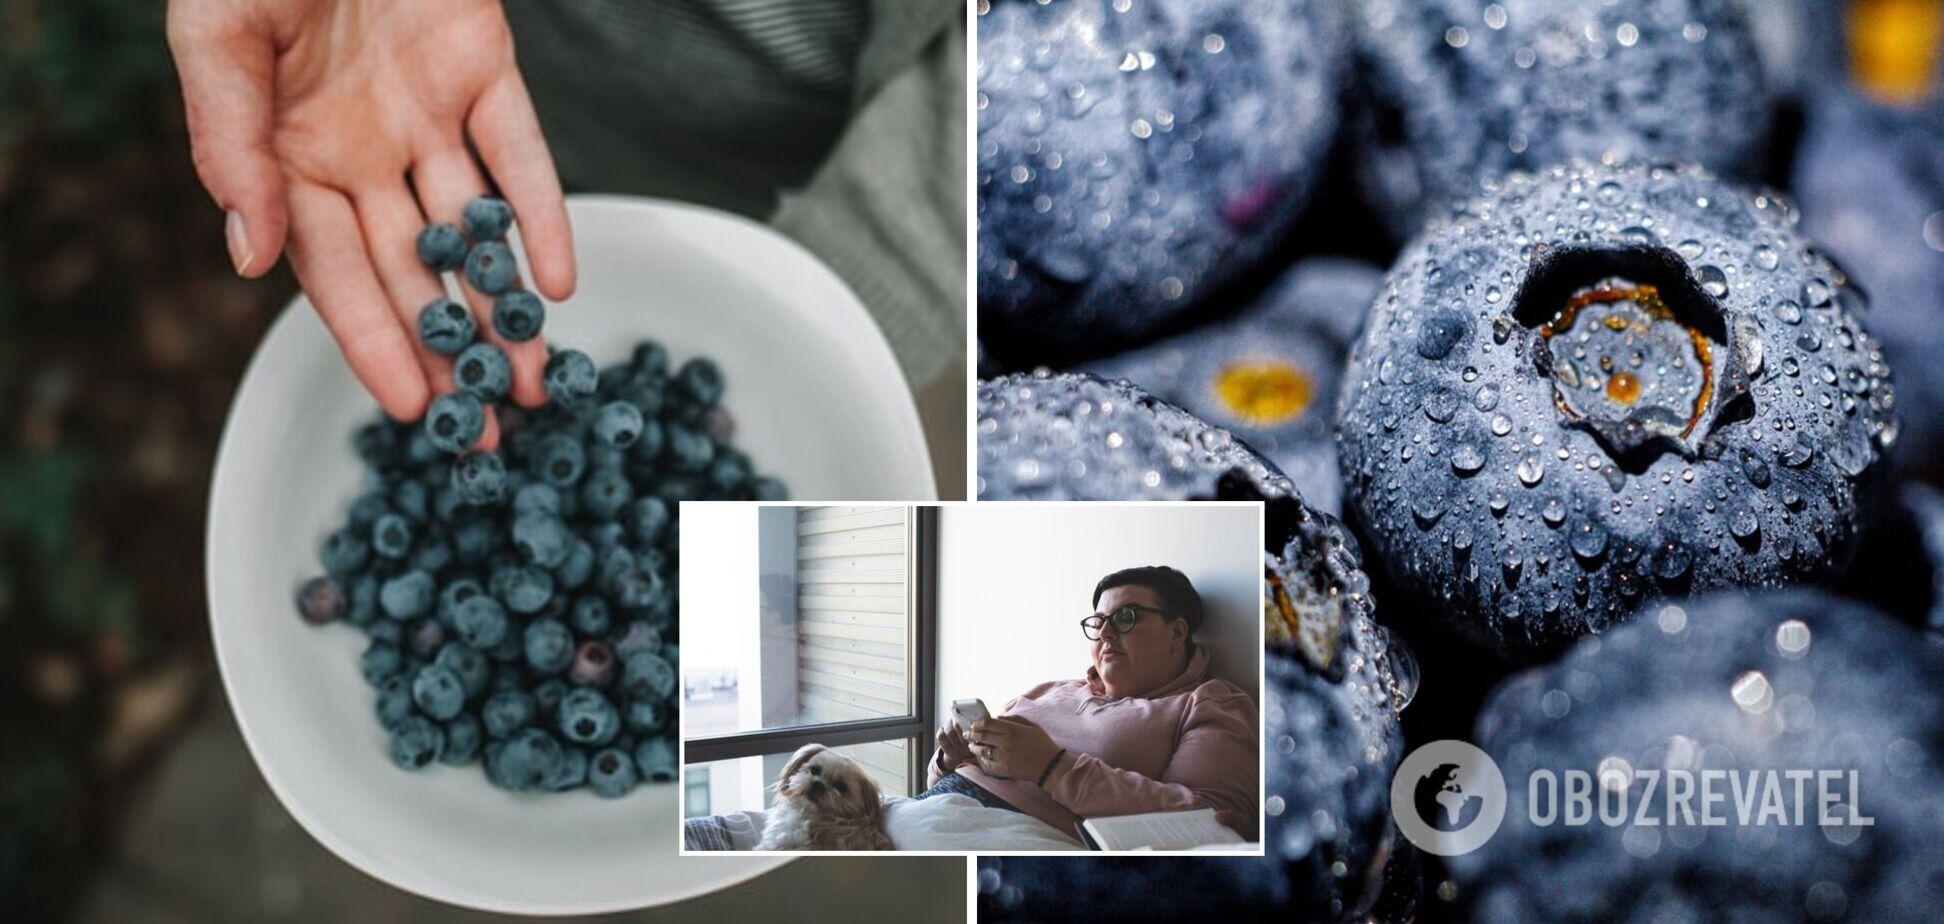 Вживання чорниці може сприяти схудненню: результати дослідження